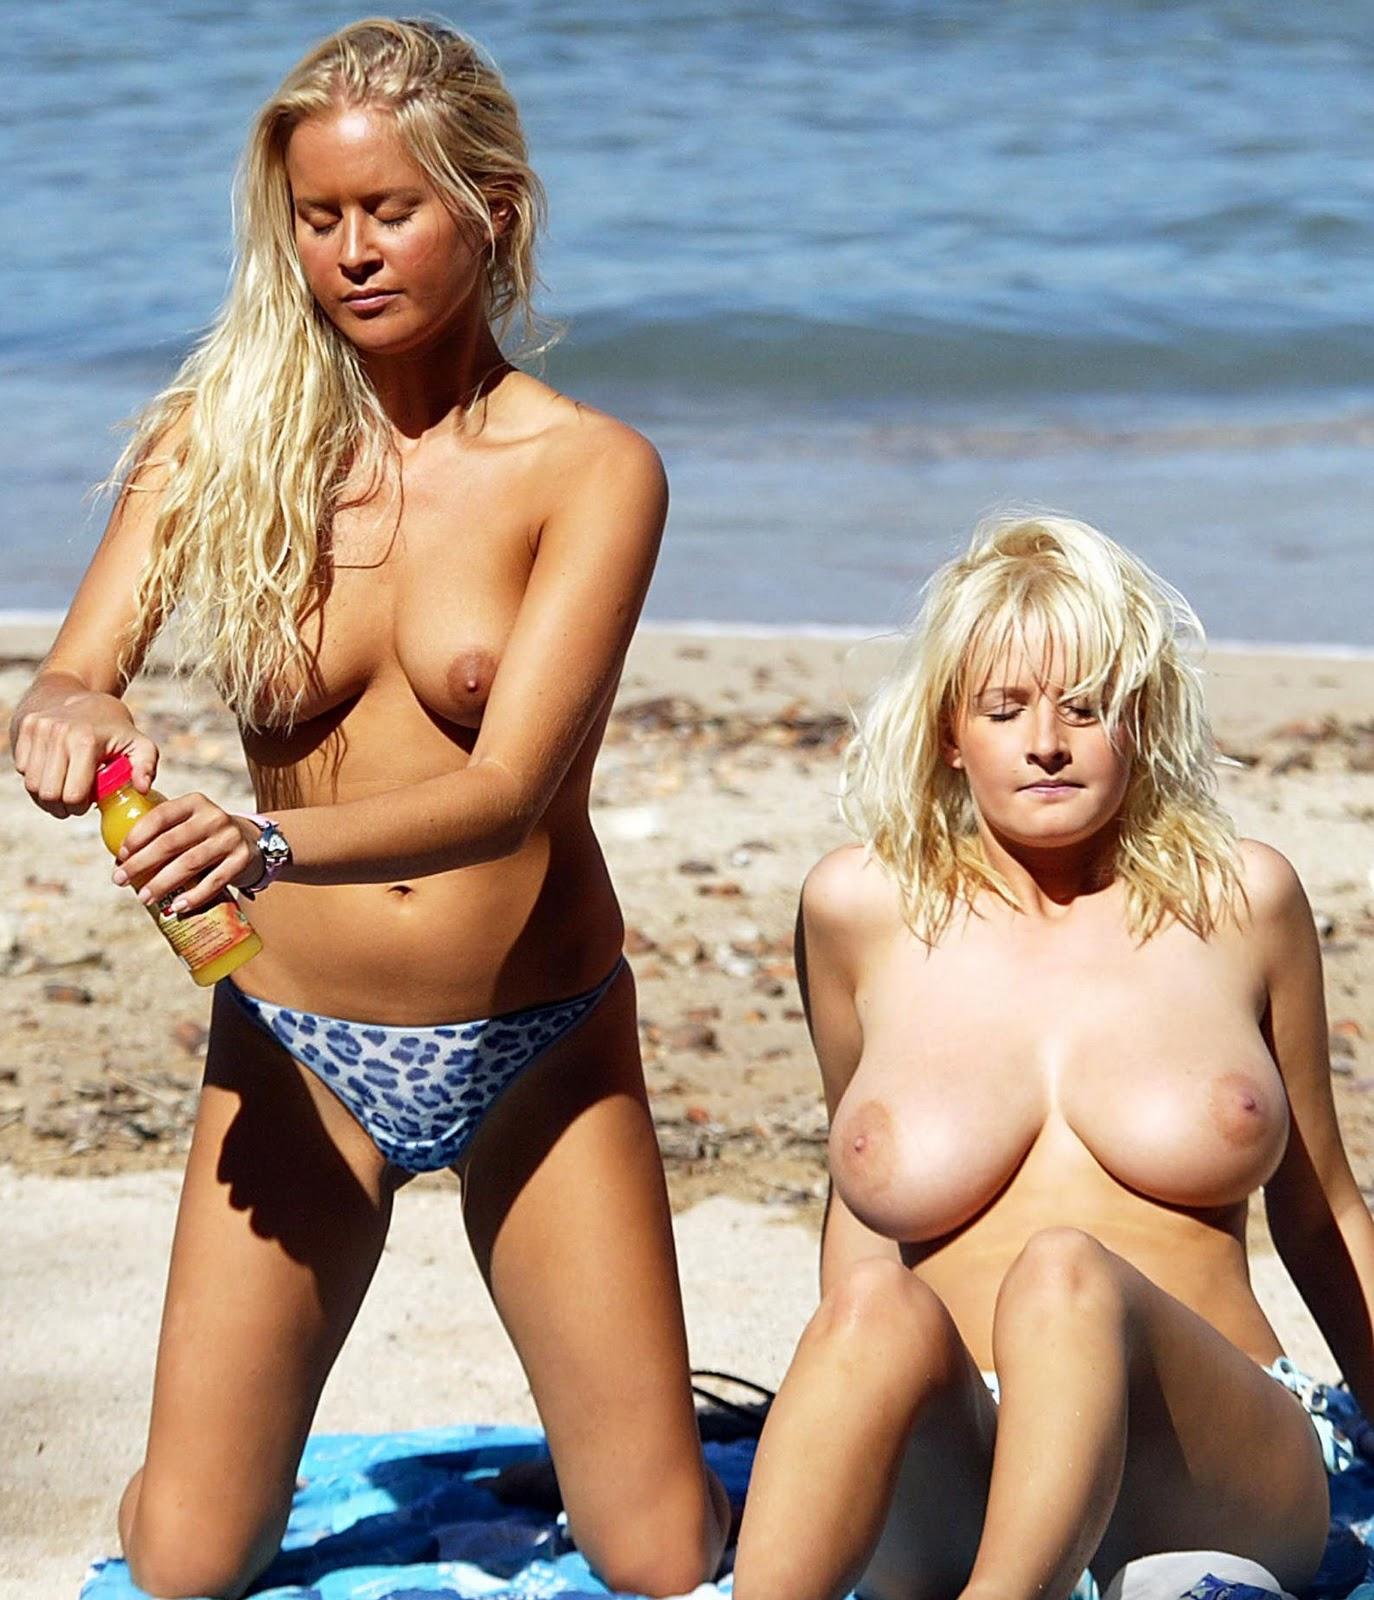 Amateur latina beatriz flashing and public masturbation of nude exotic 6